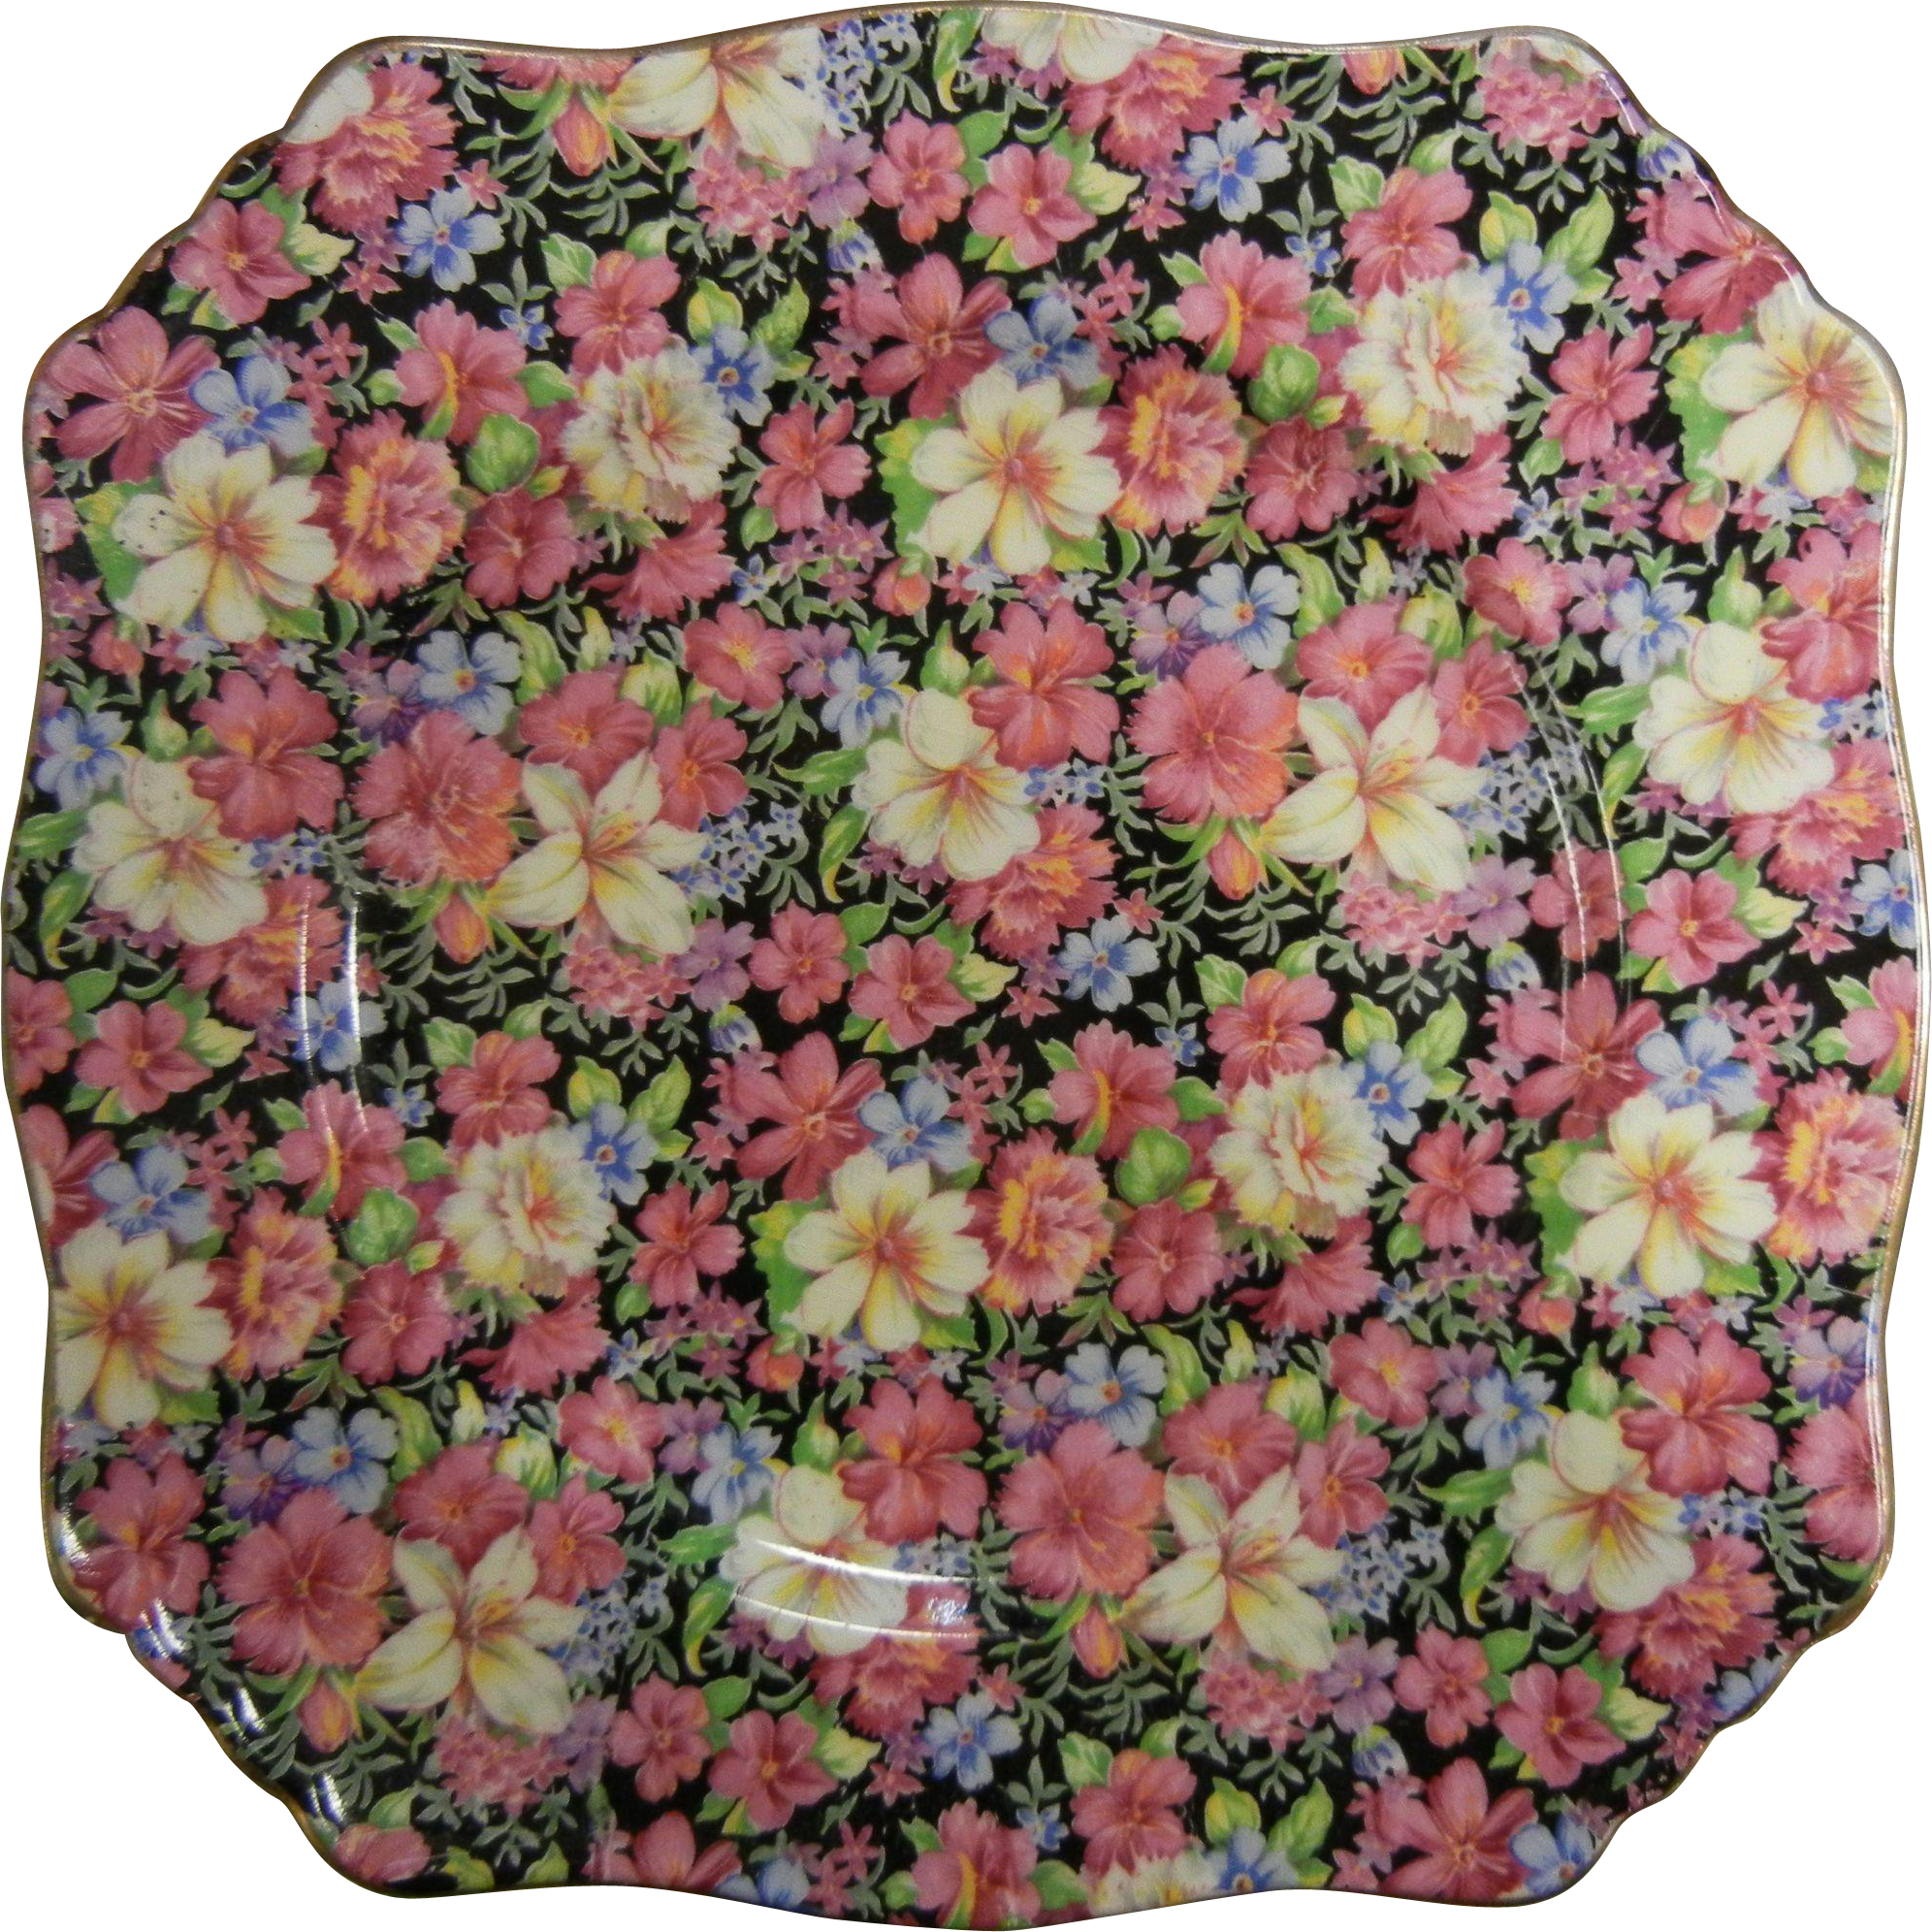 Vintage Royal Winton Chintz Grimwades Porcelain Plate w/ Floral Designs